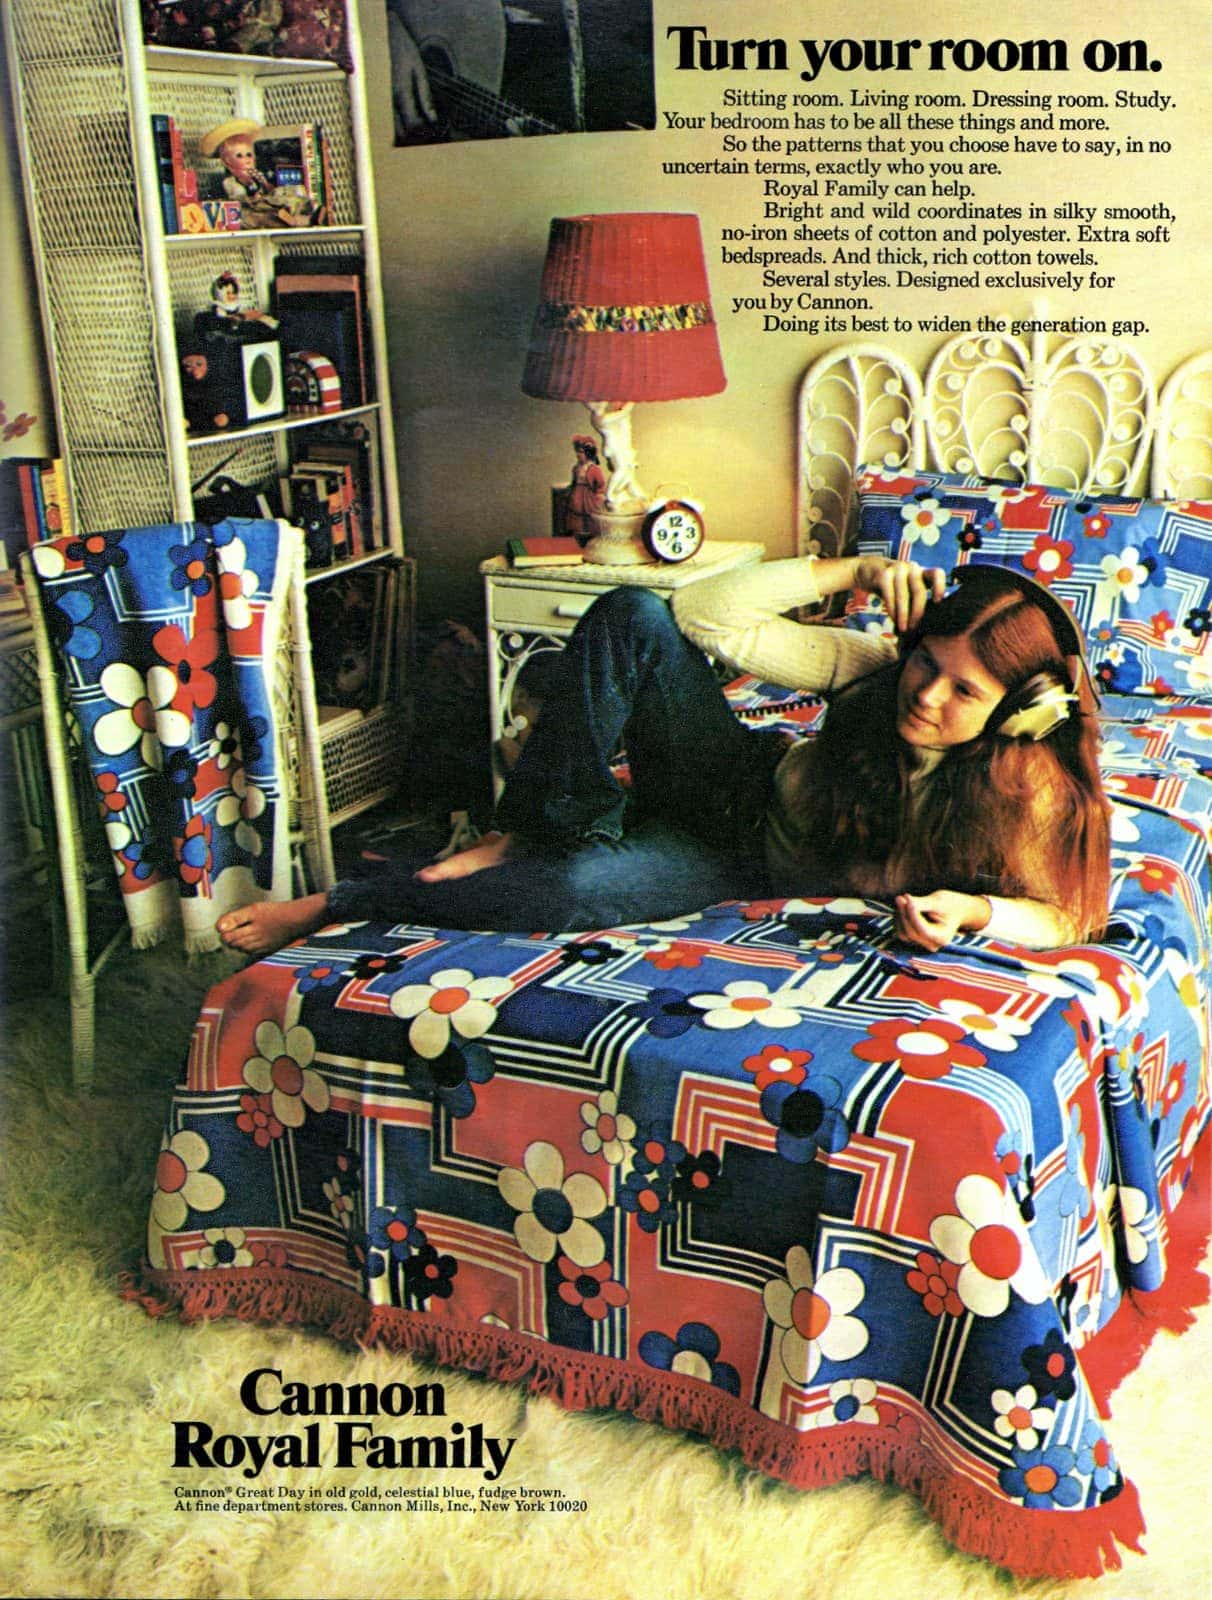 Basic teen girl bedroom decor (1970)